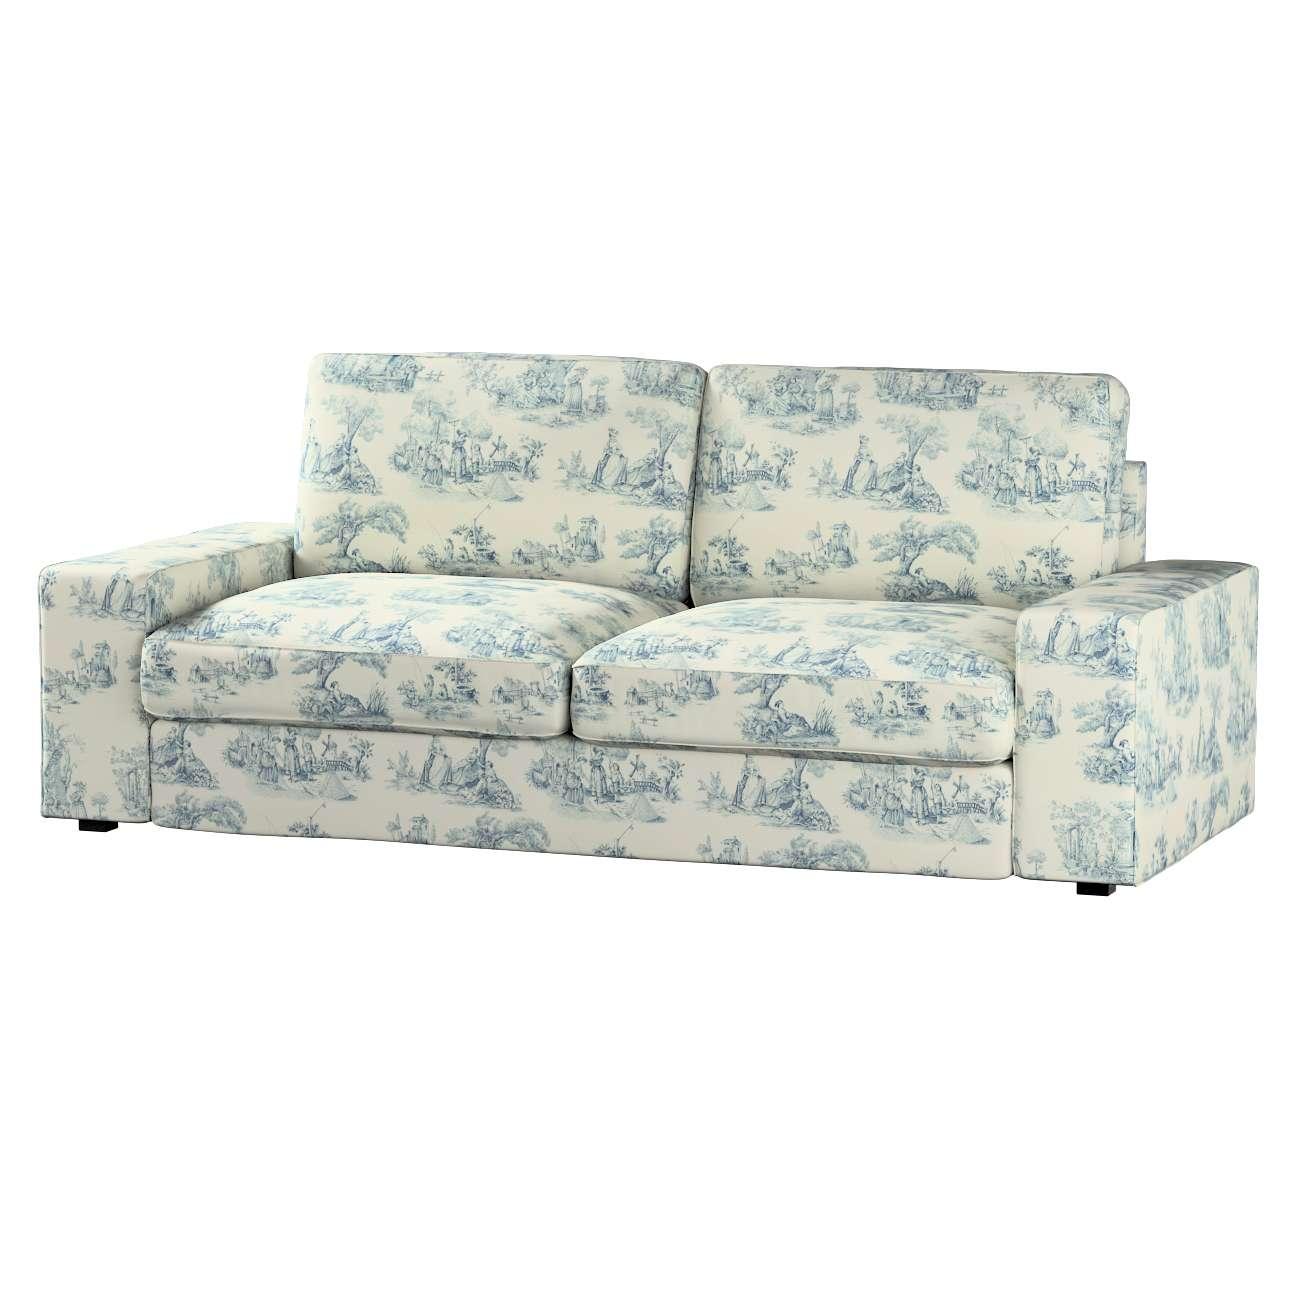 Pokrowiec na sofę Kivik 3-osobową, rozkładaną Sofa Kivik 3-osobowa rozkładana w kolekcji Avinon, tkanina: 132-66